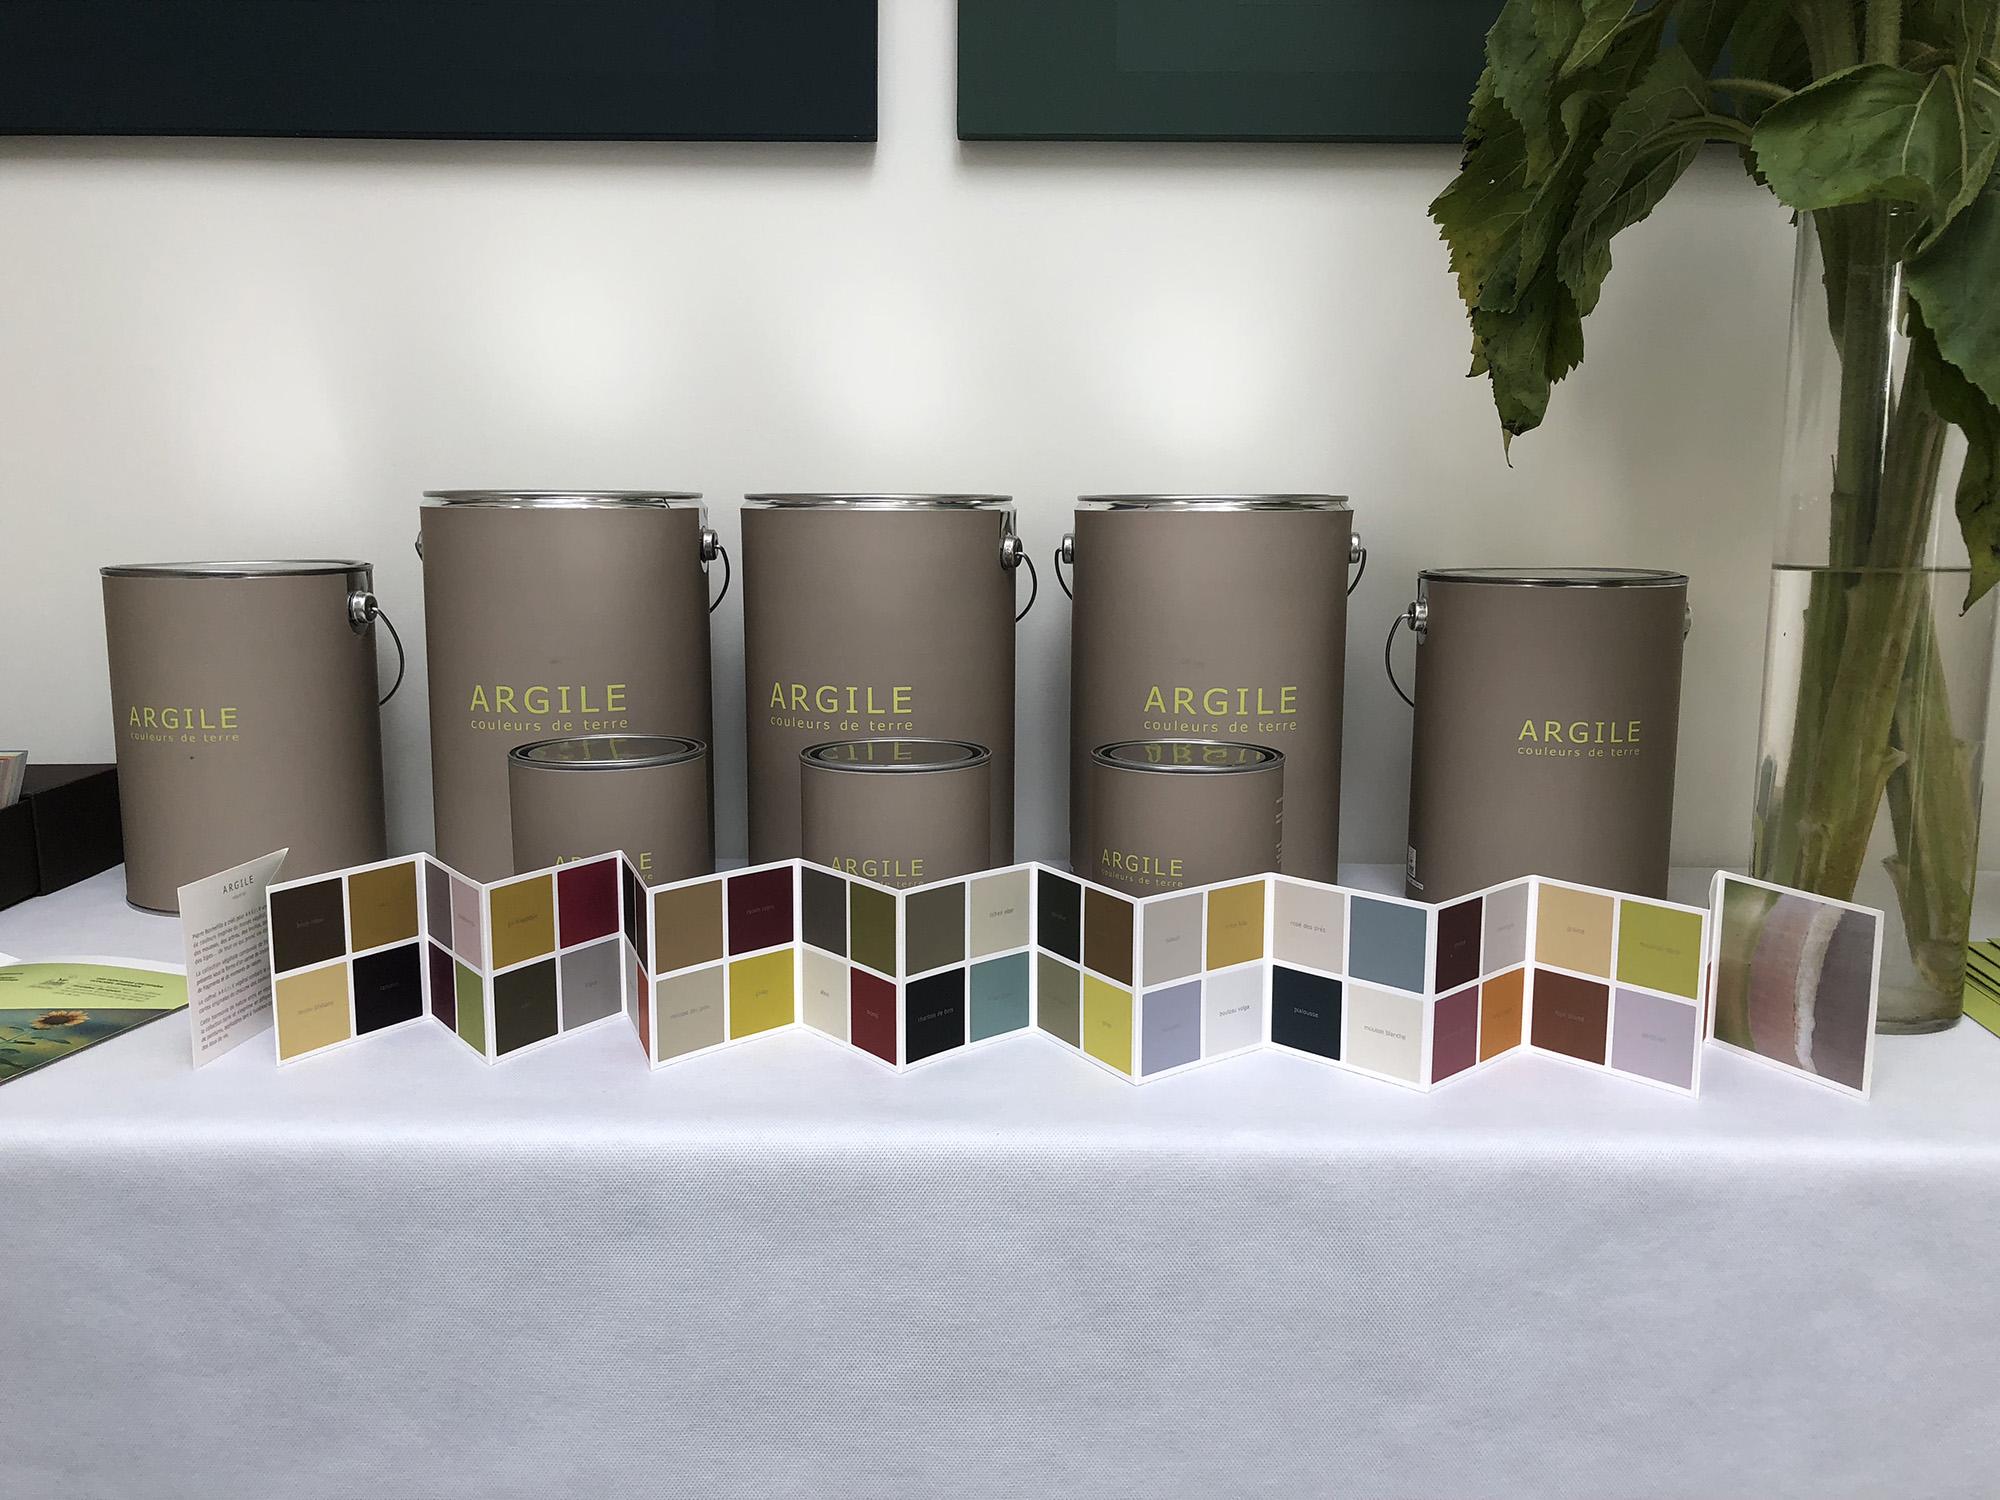 des pots de peintures de la marque Argile derrière des nuanciers de coukeur, sont posés sur une table nappée blanche